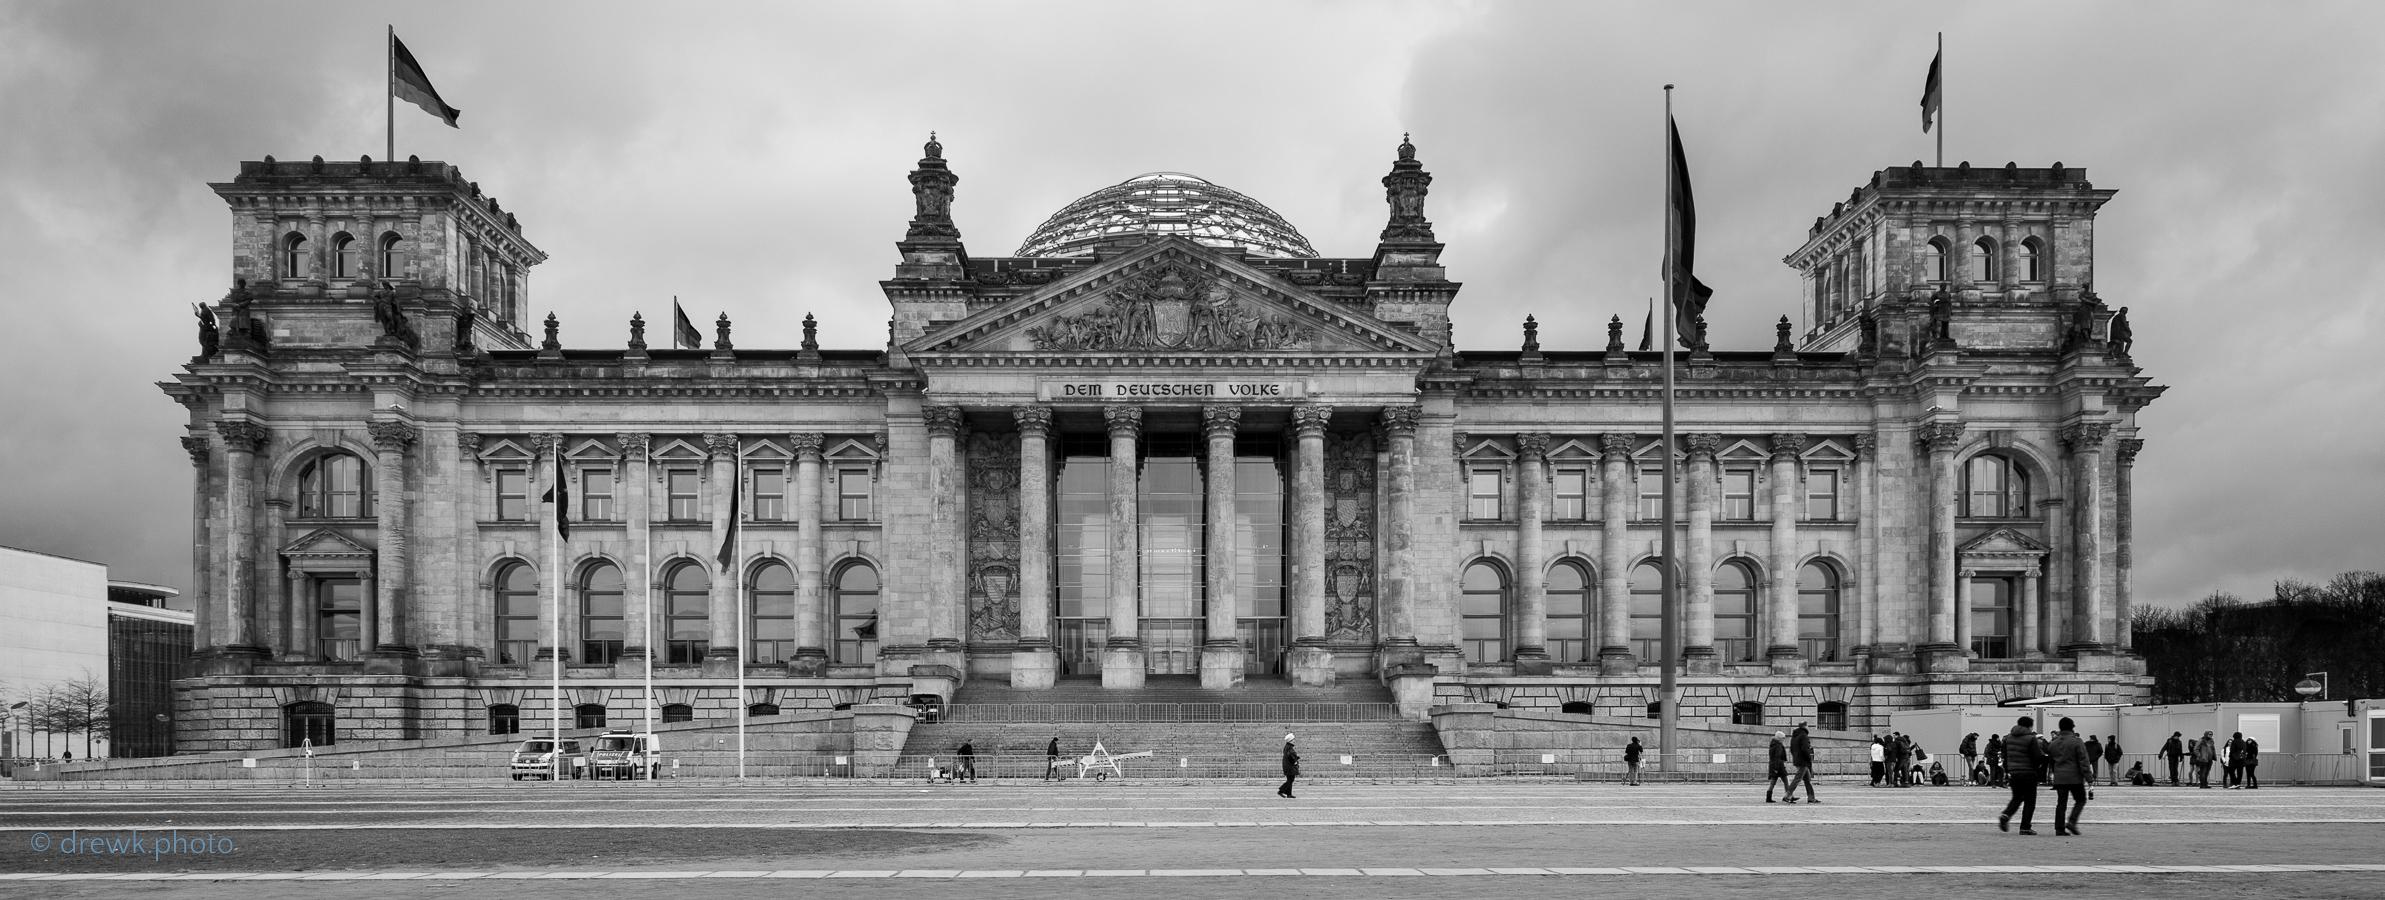 <alt>Reichstag, Berlin</alt><br/>